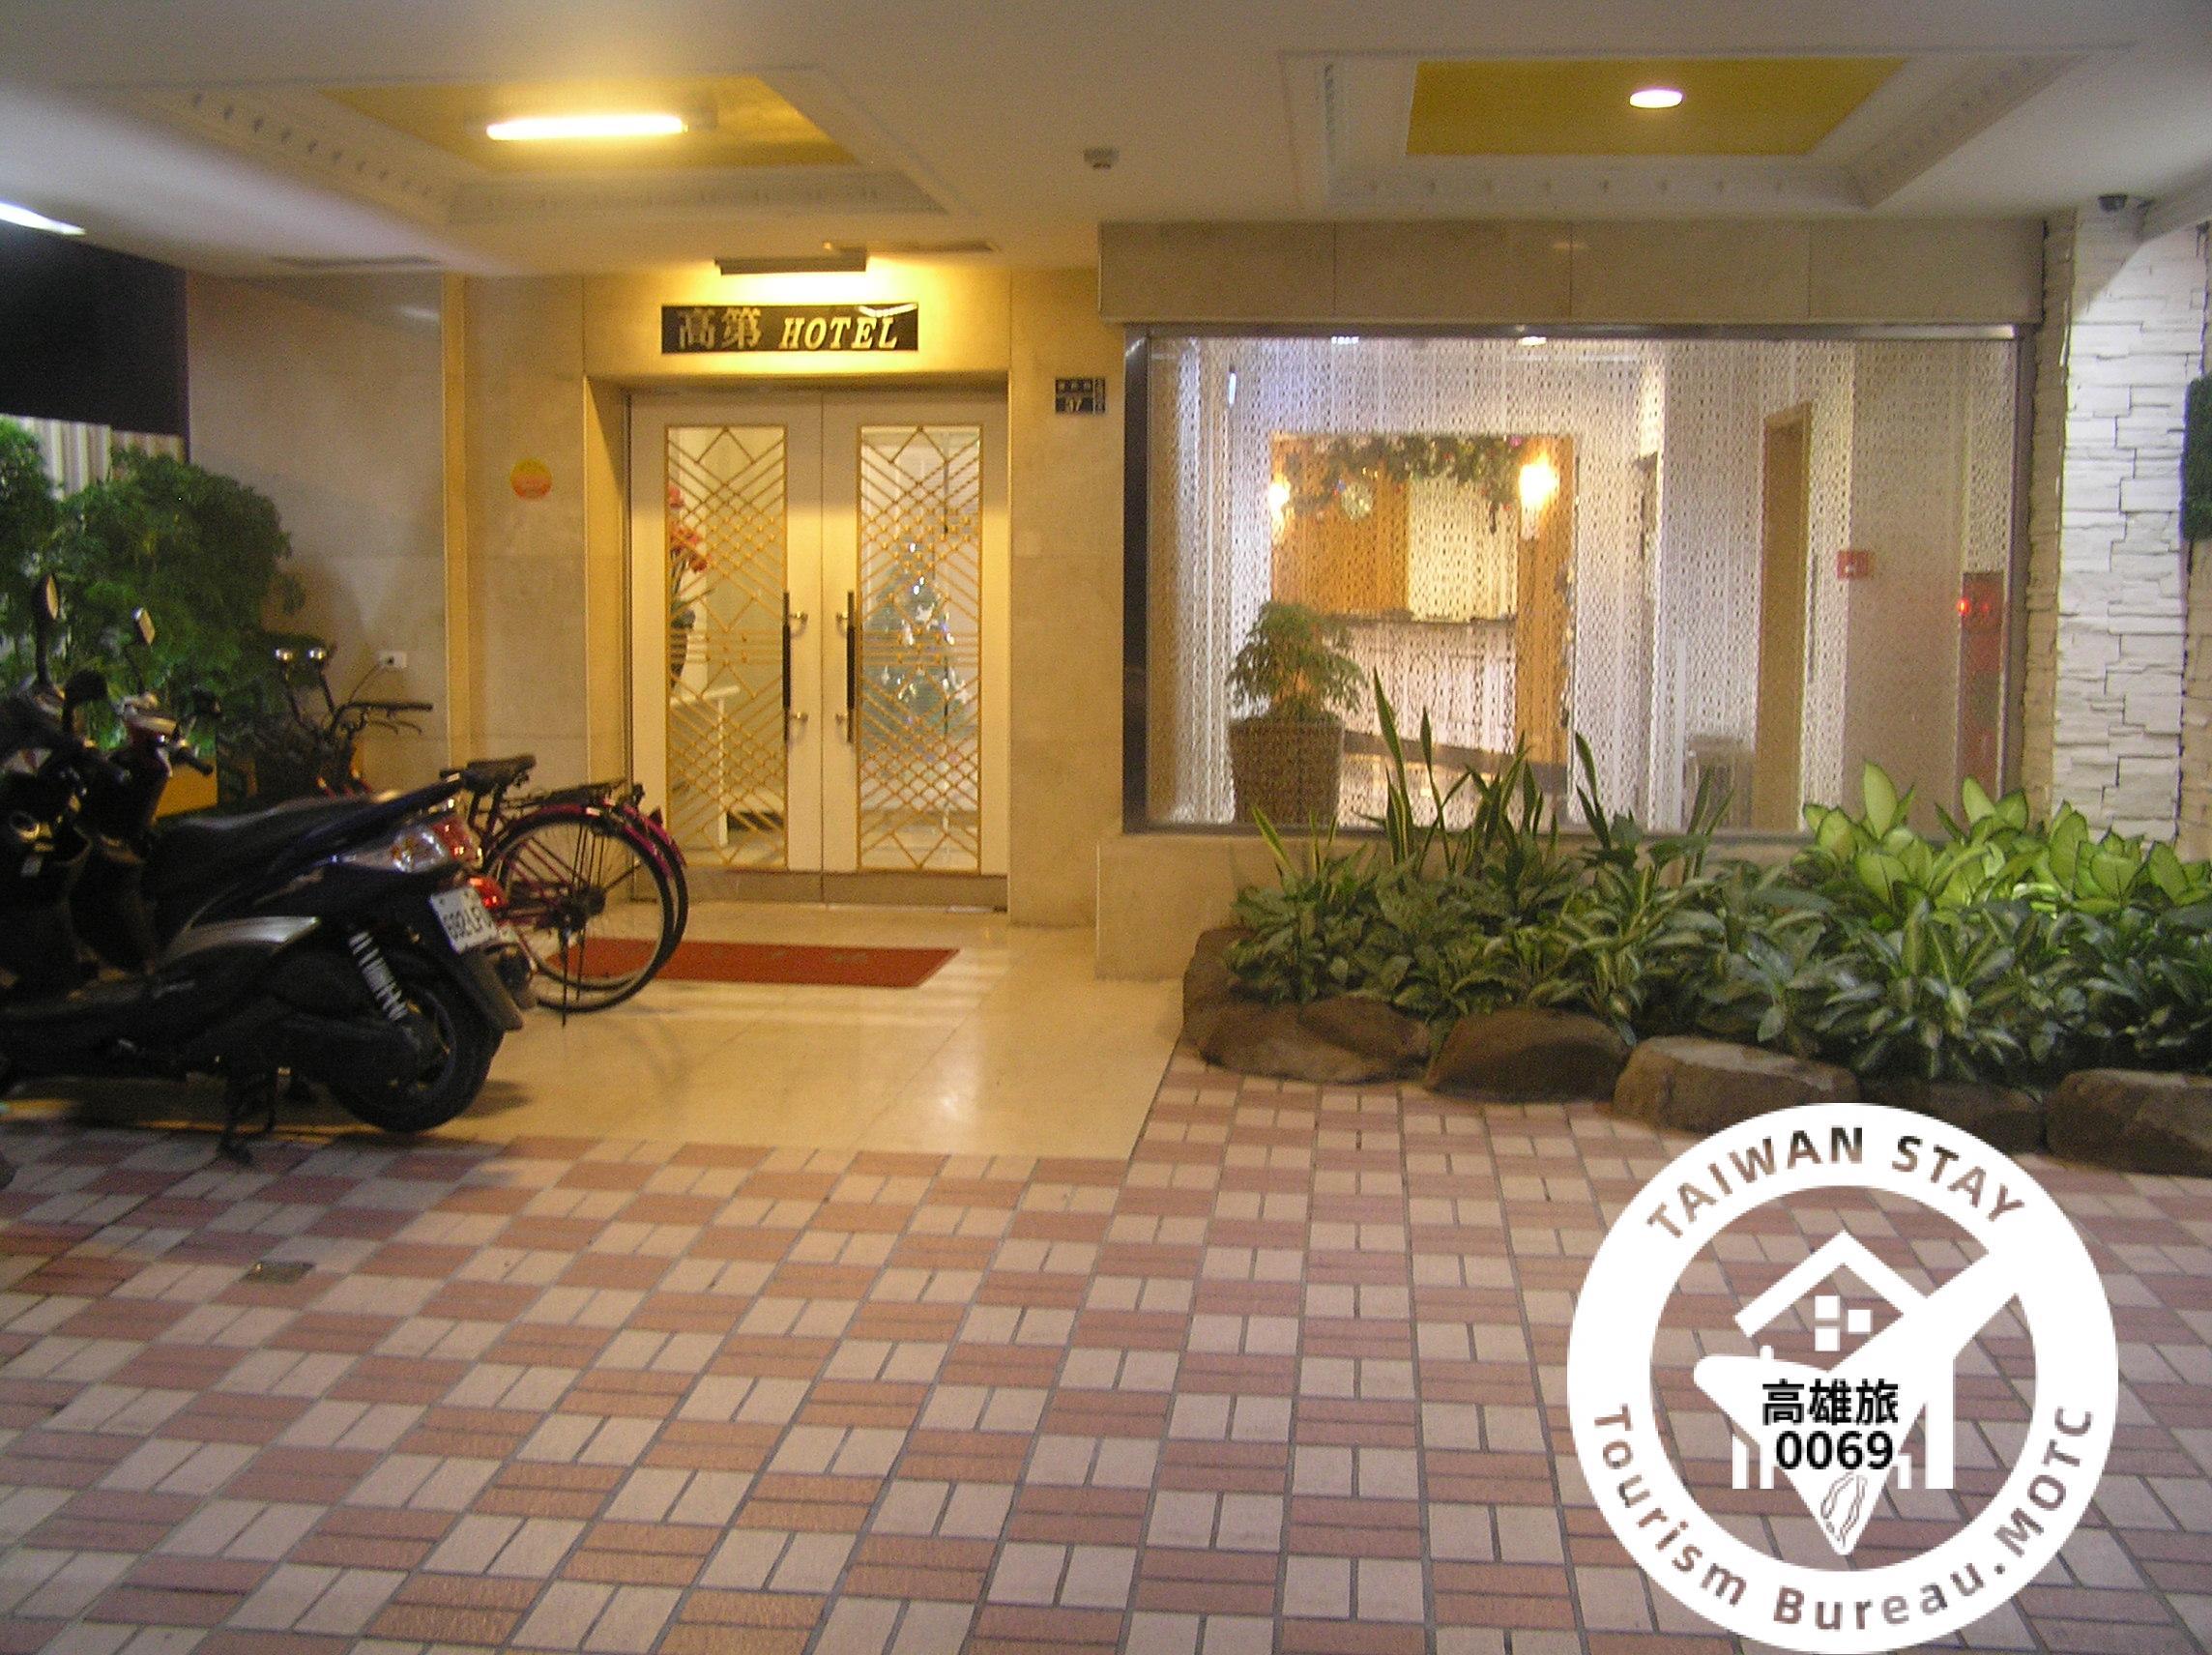 高第大飯店グレート タウン ホテル